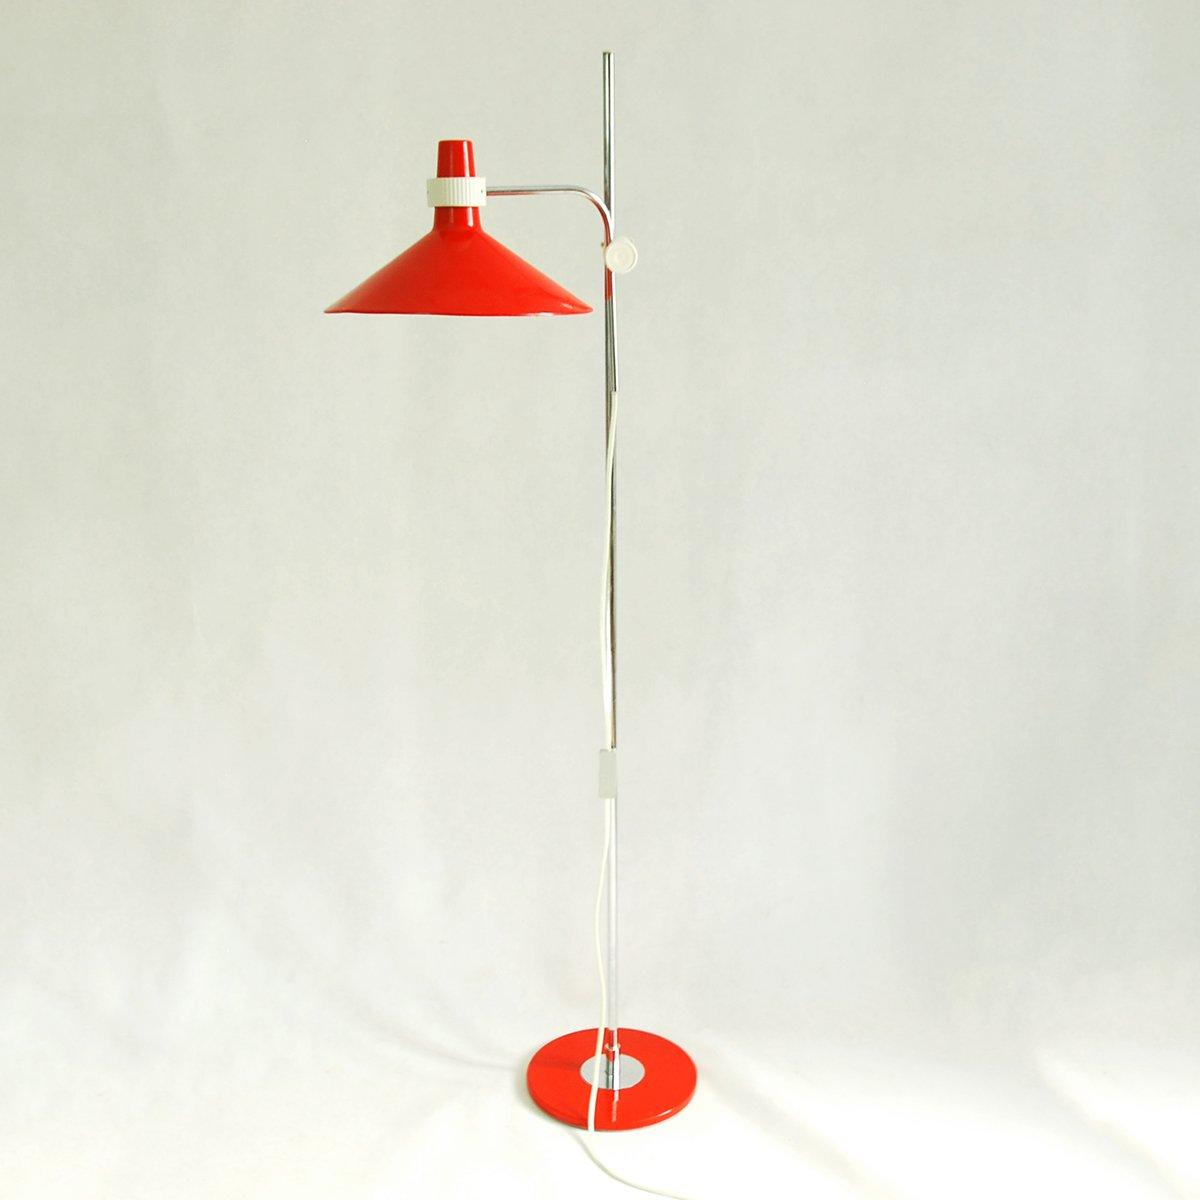 Modell 06-43 Stahl Stehlampe von Pokrok Zilina, 1960er